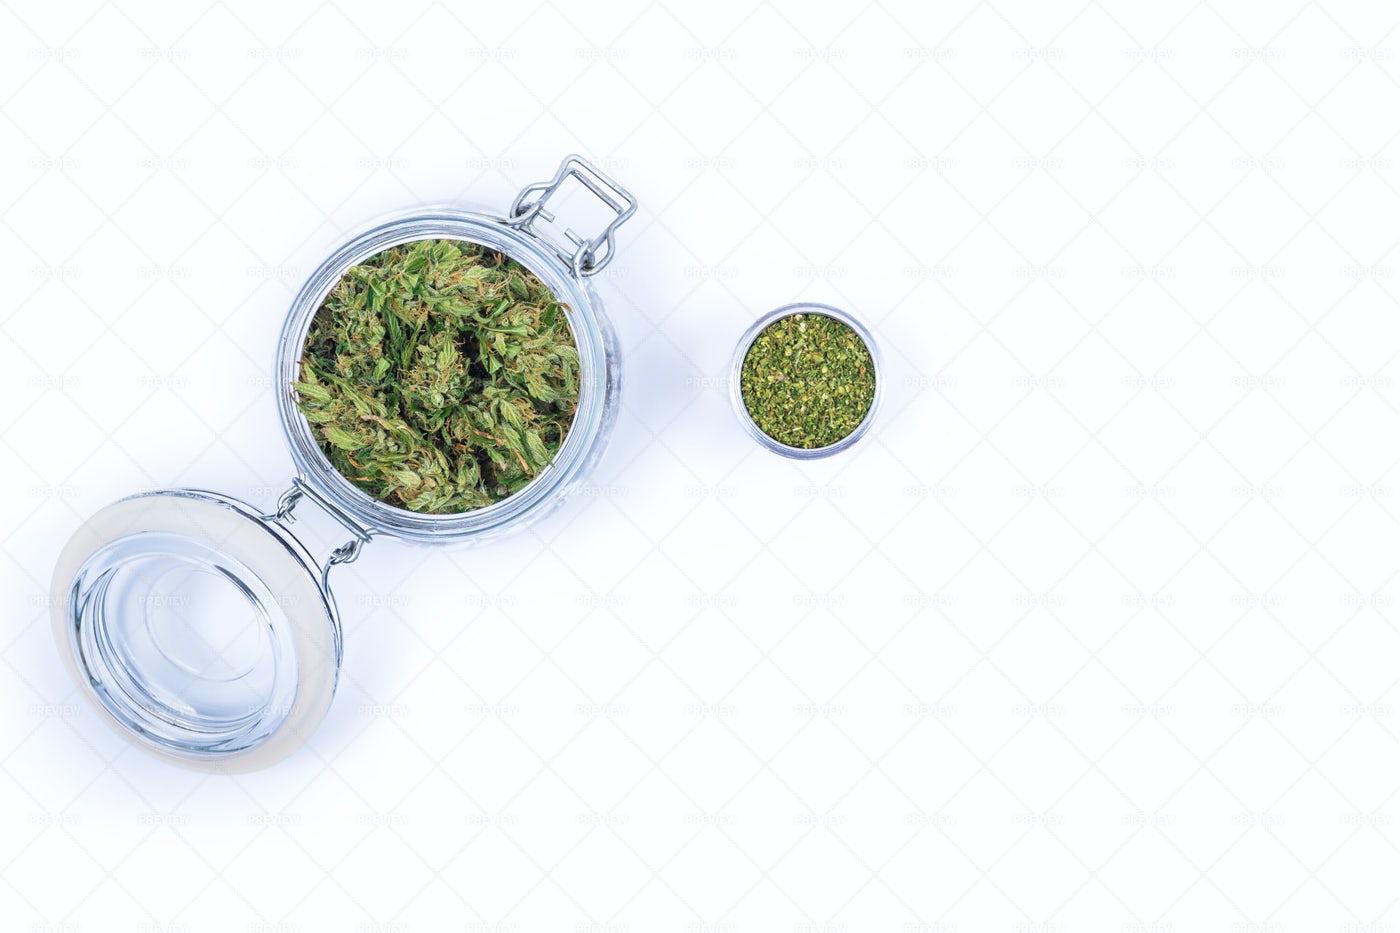 Jar Of Marijuana Buds: Stock Photos